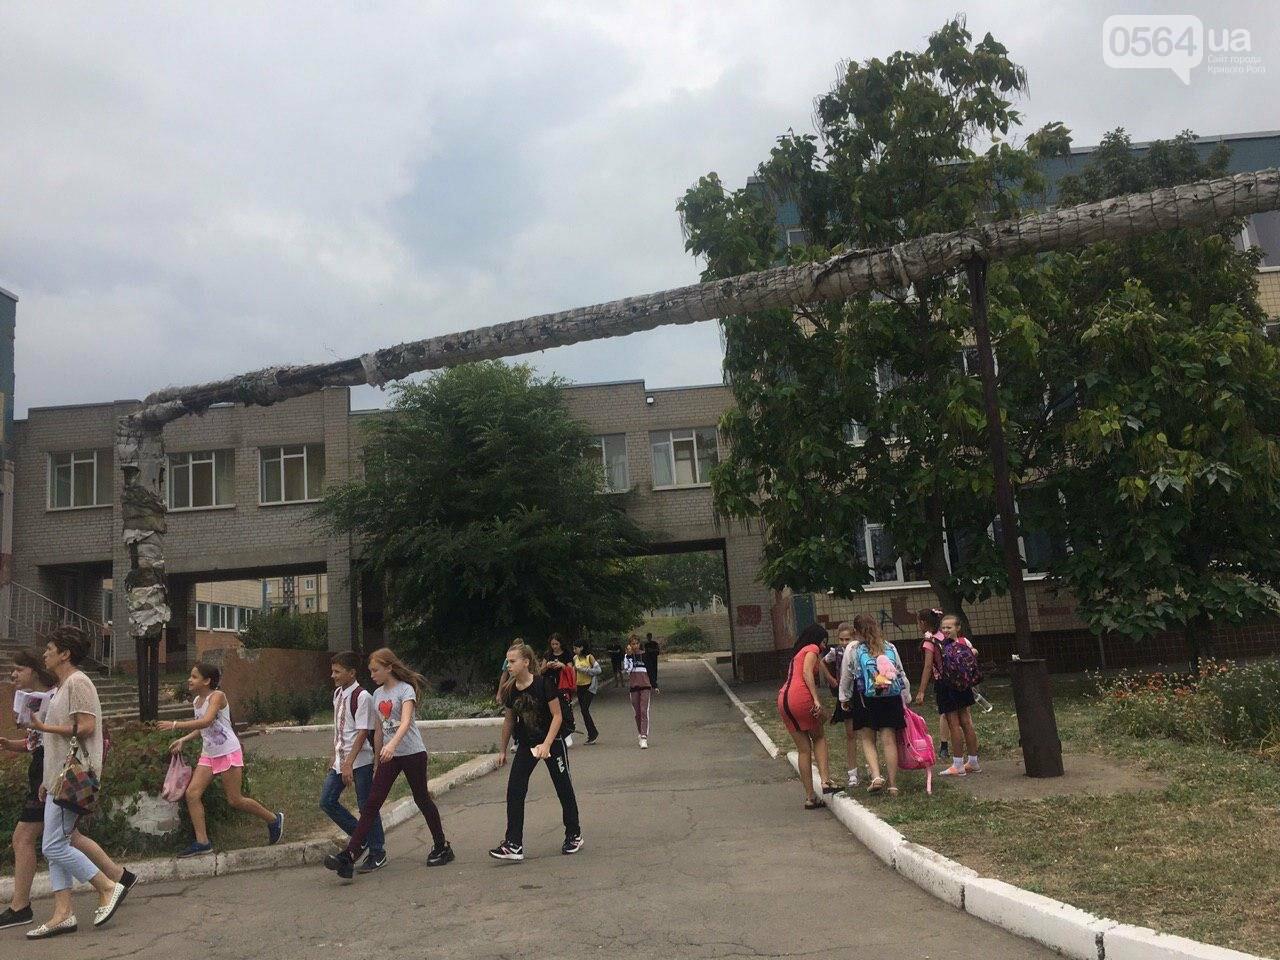 В одной из школ Кривого Рога из-за распыления неизвестного вещества срочно эвакуировали детей, - ФОТО, фото-9